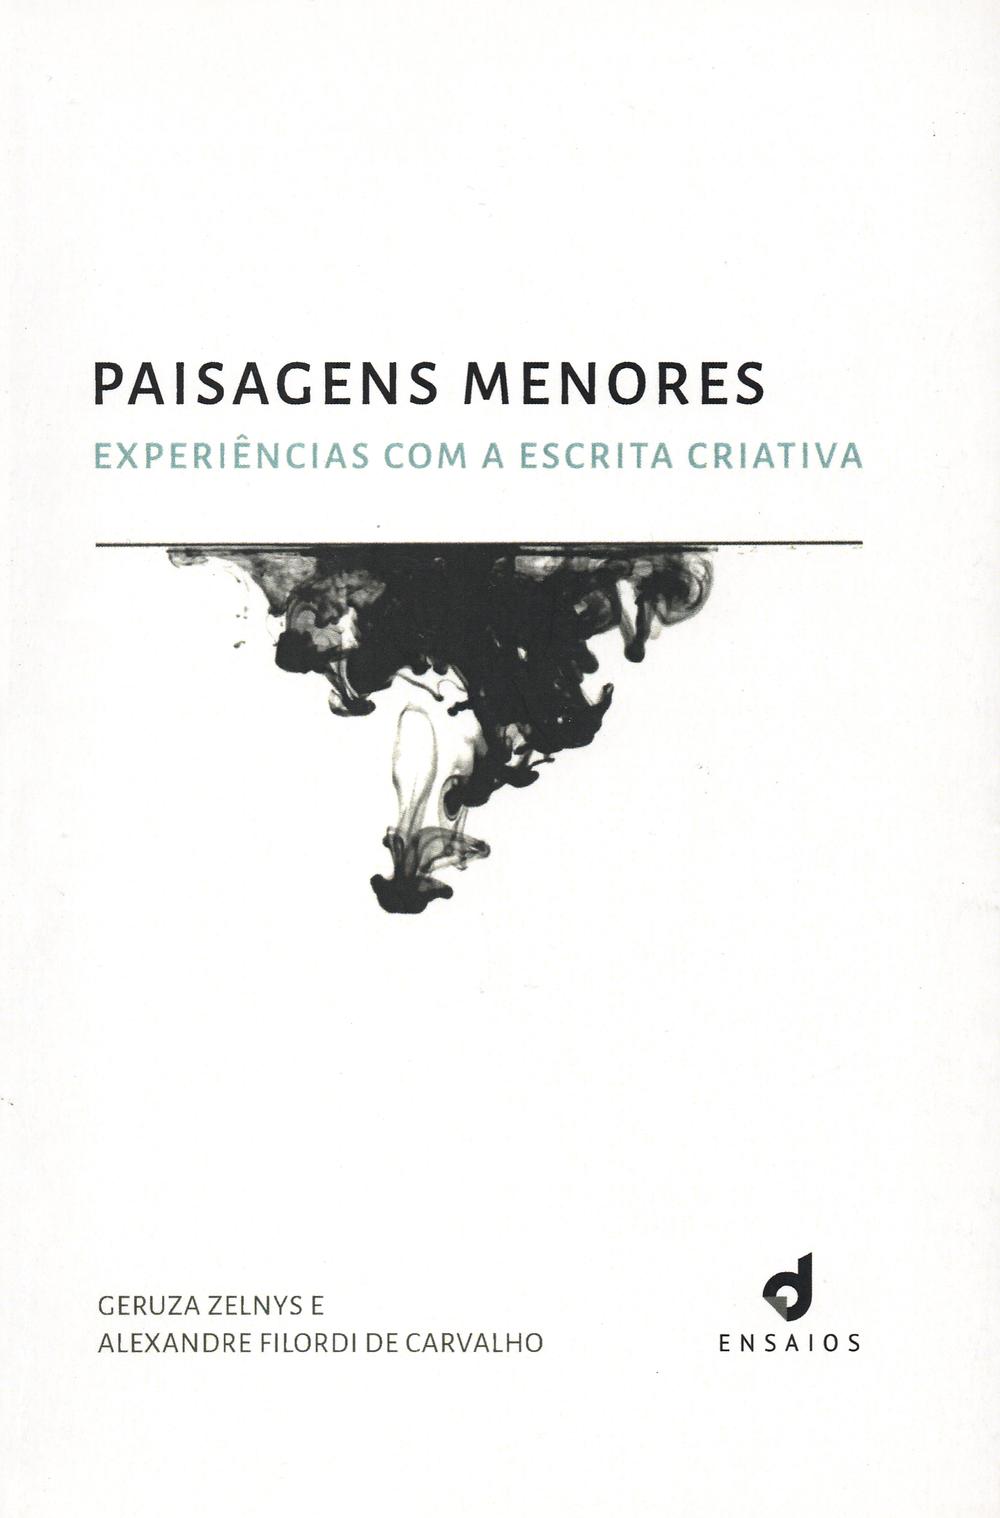 Livro Paisagens Menores de Geruza Zelnys e Alexandre Filordi de Carvalho